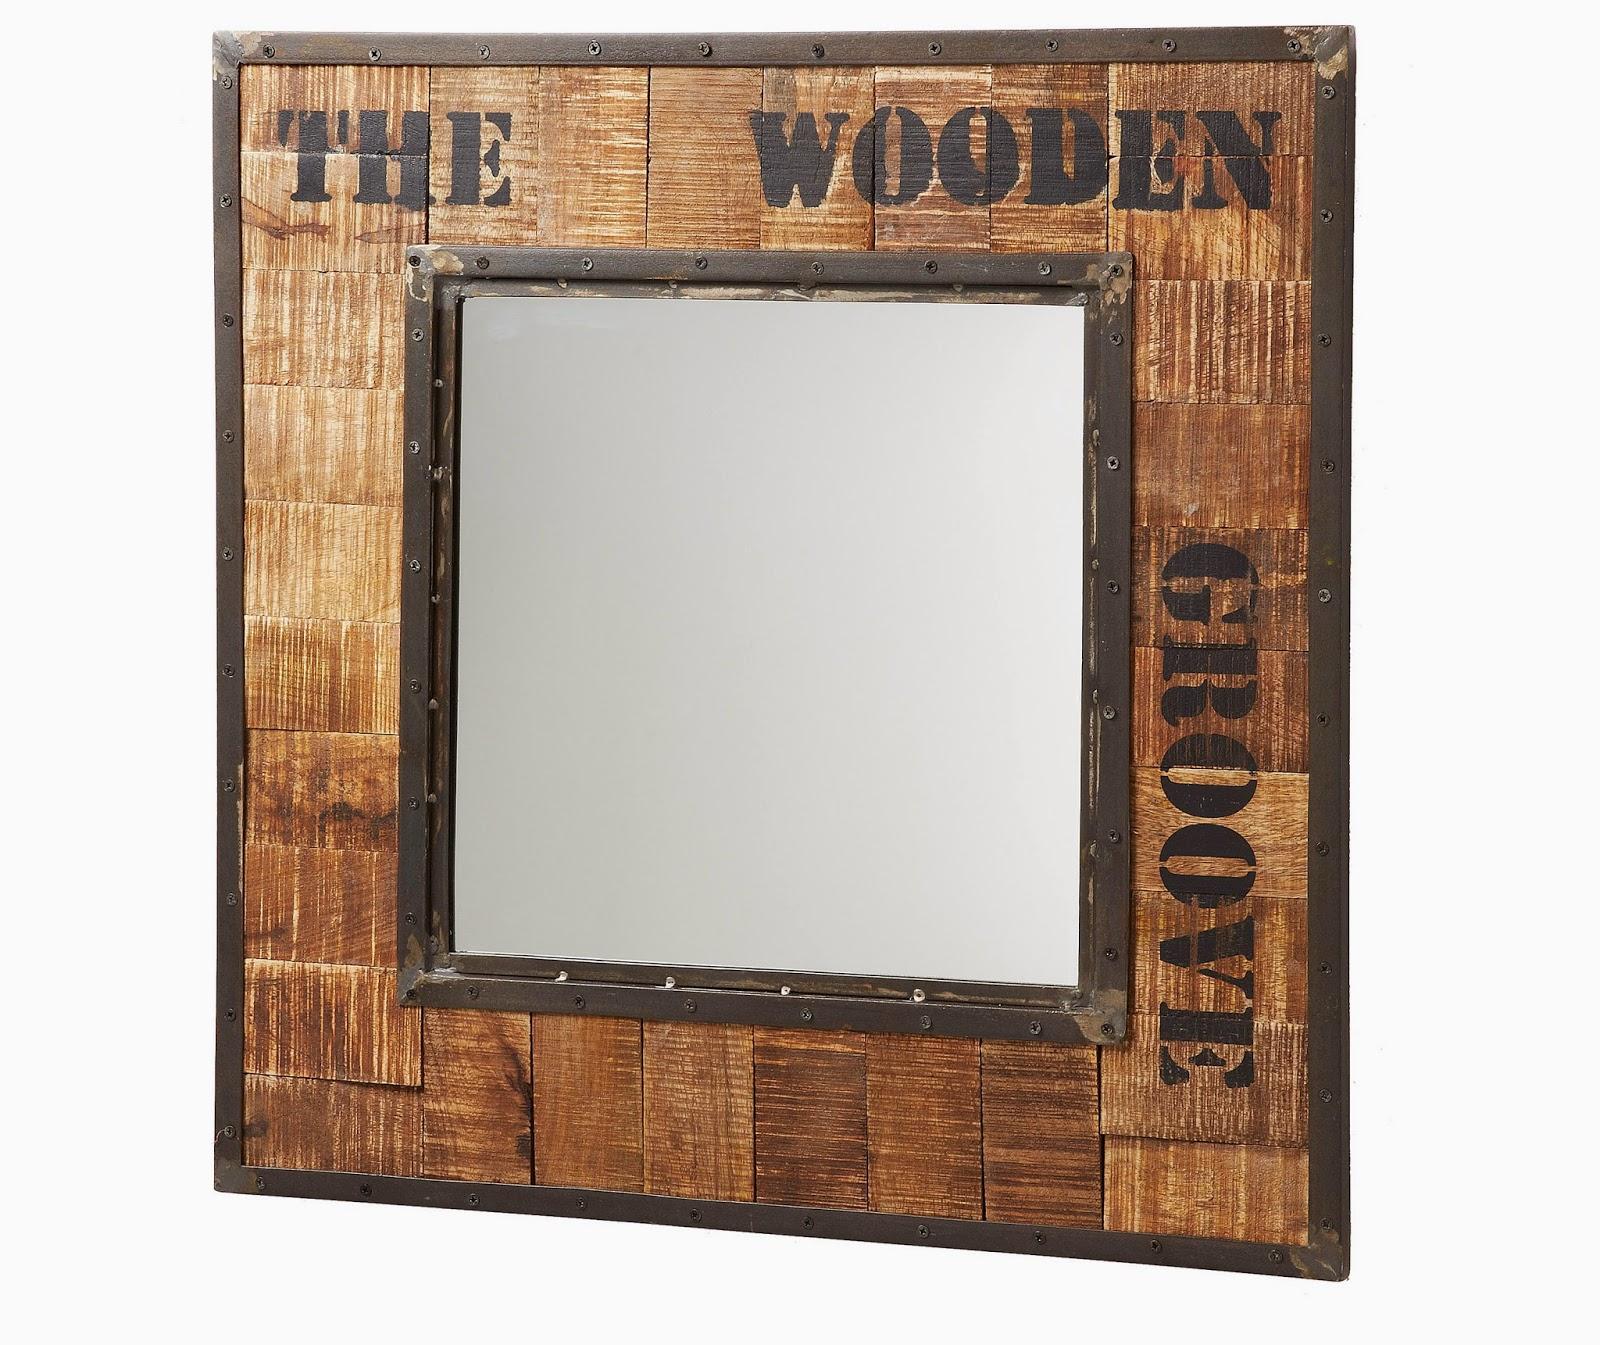 Que poner encima de un aparador simple inspiracin - Como colocar un espejo encima de un aparador ...